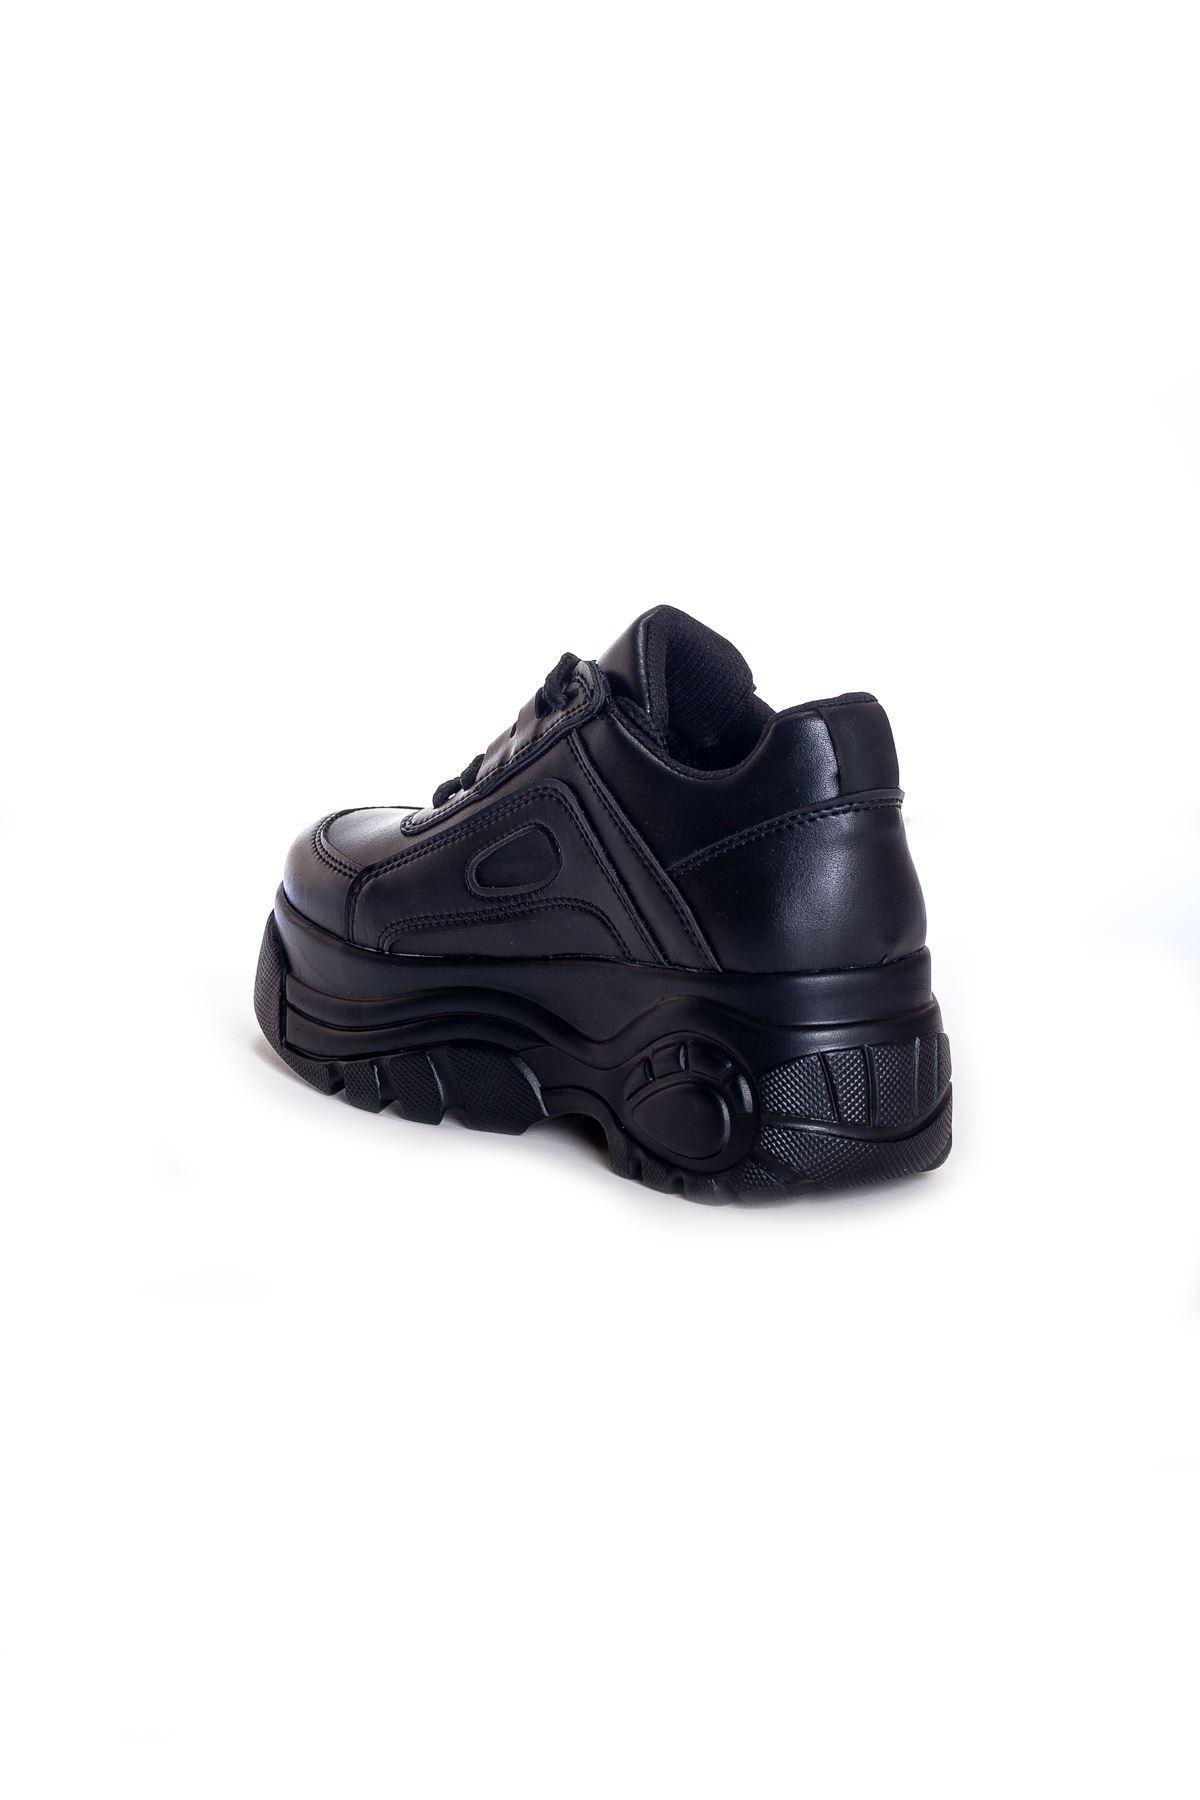 Ck-107 Siyah Deri Spor Ayakkabı